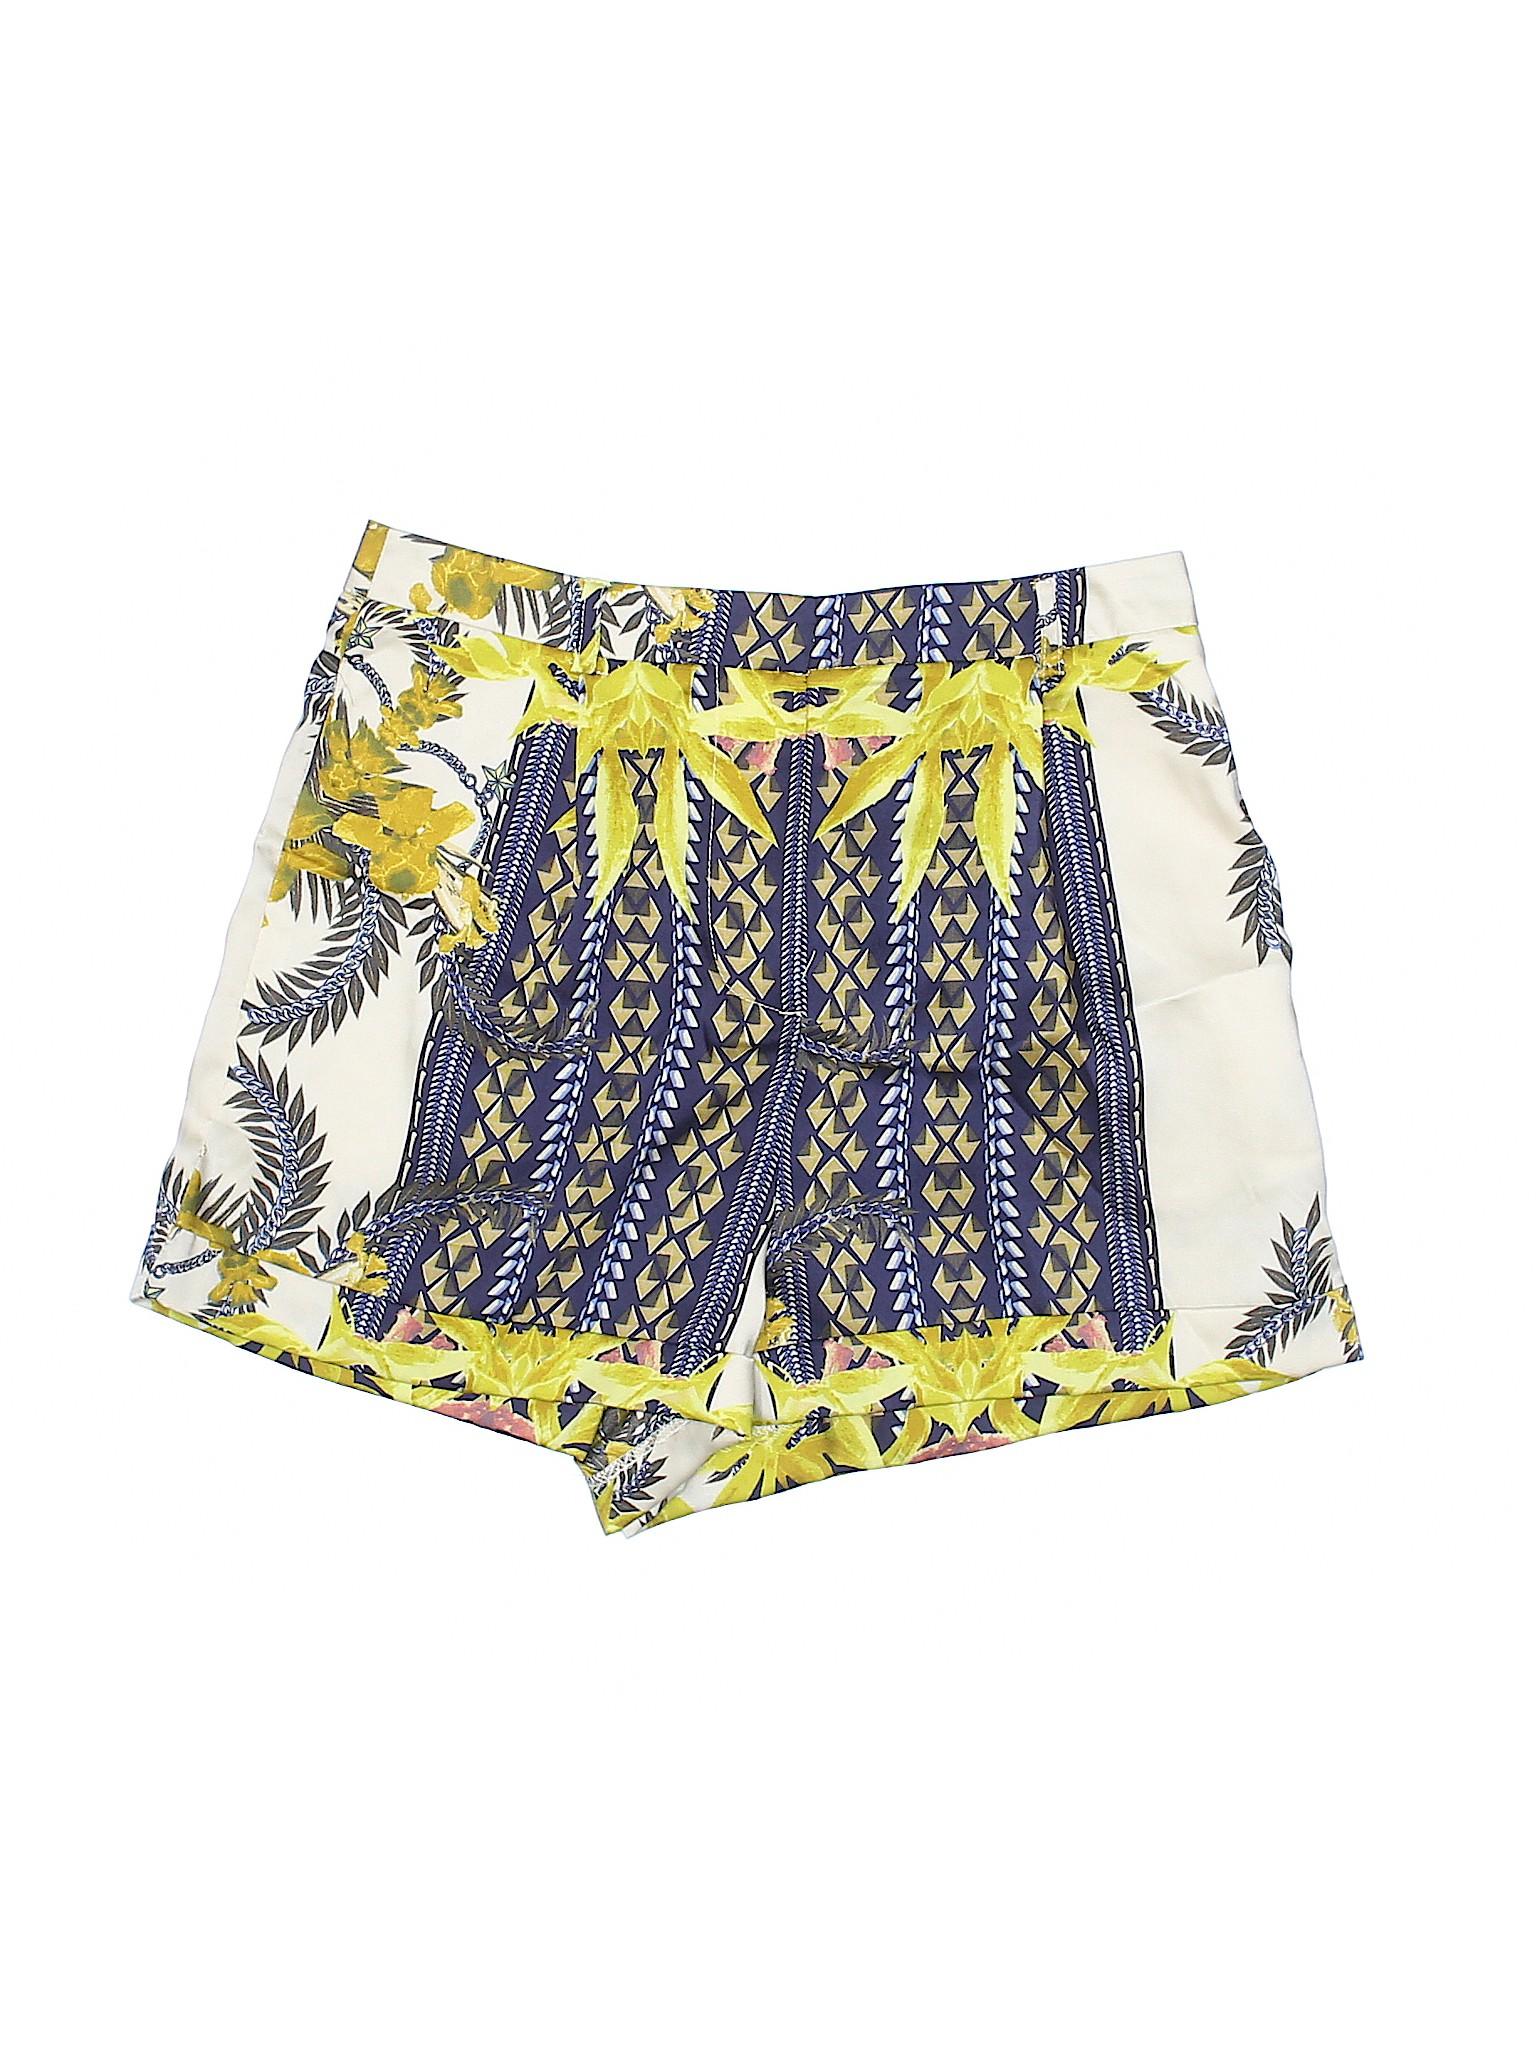 leisure Topshop Topshop Shorts Shorts Boutique Boutique leisure qfXzxEdwz